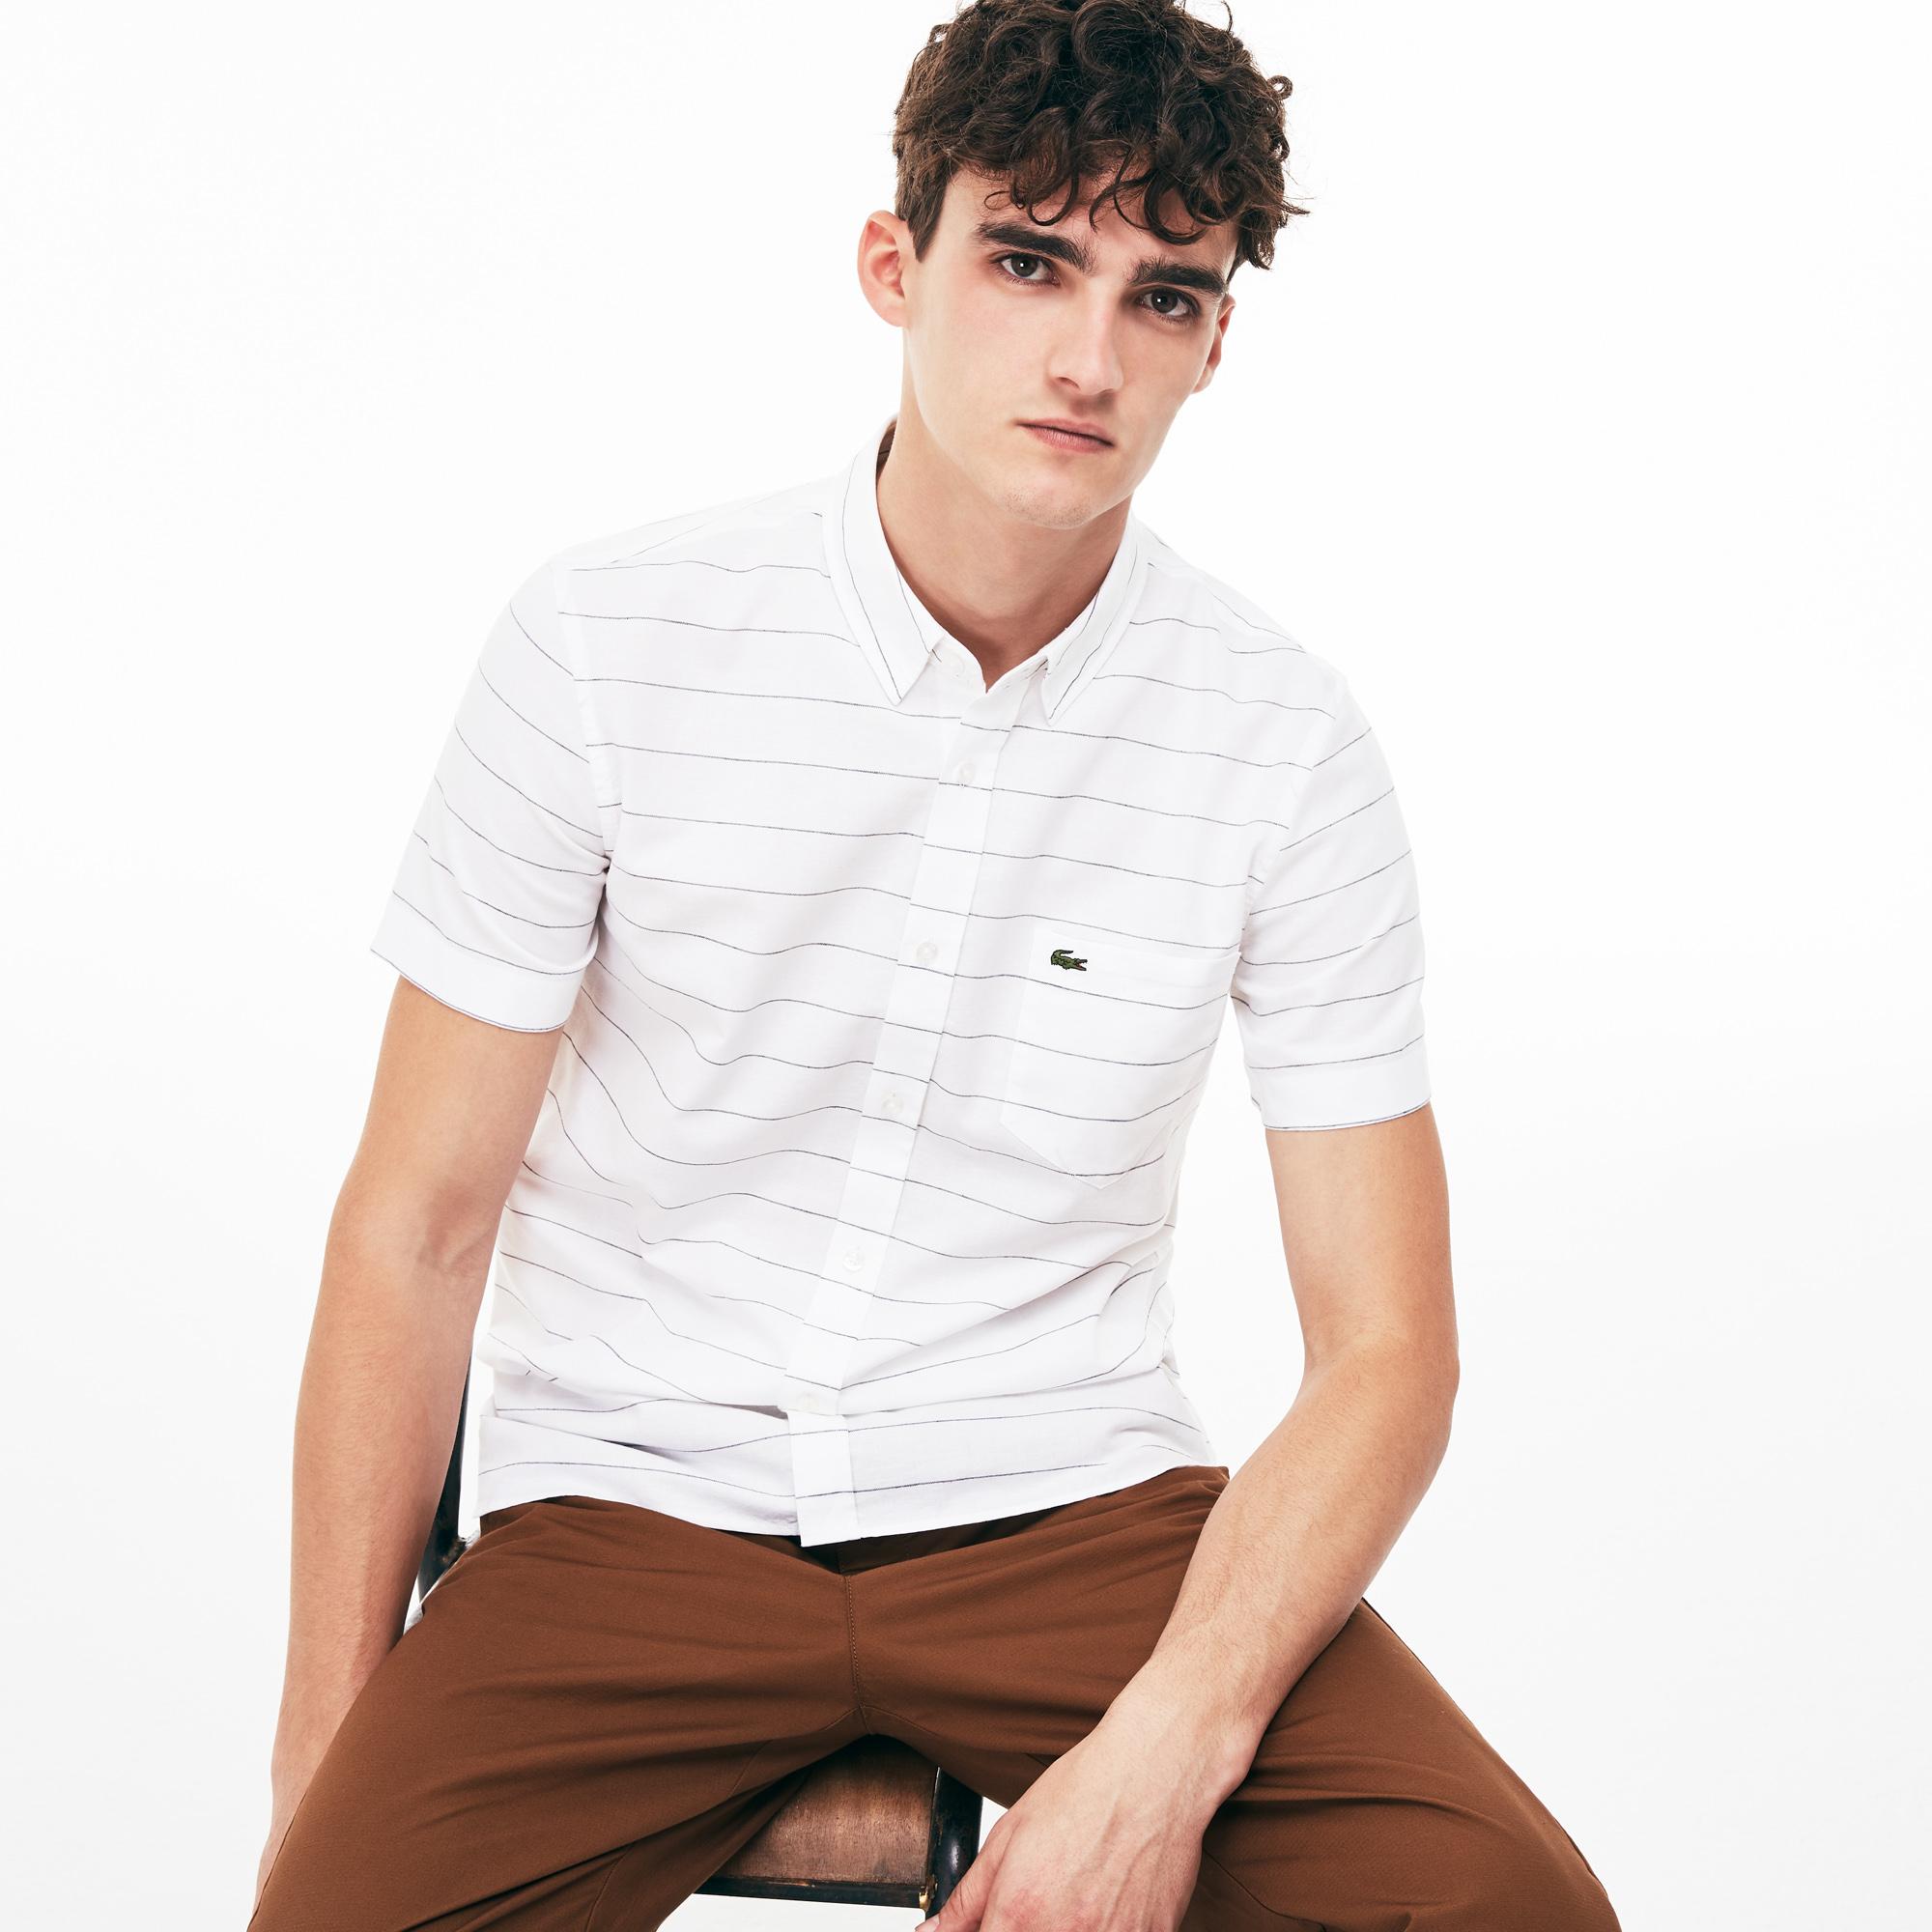 Рубашка Lacoste Slim fit фото